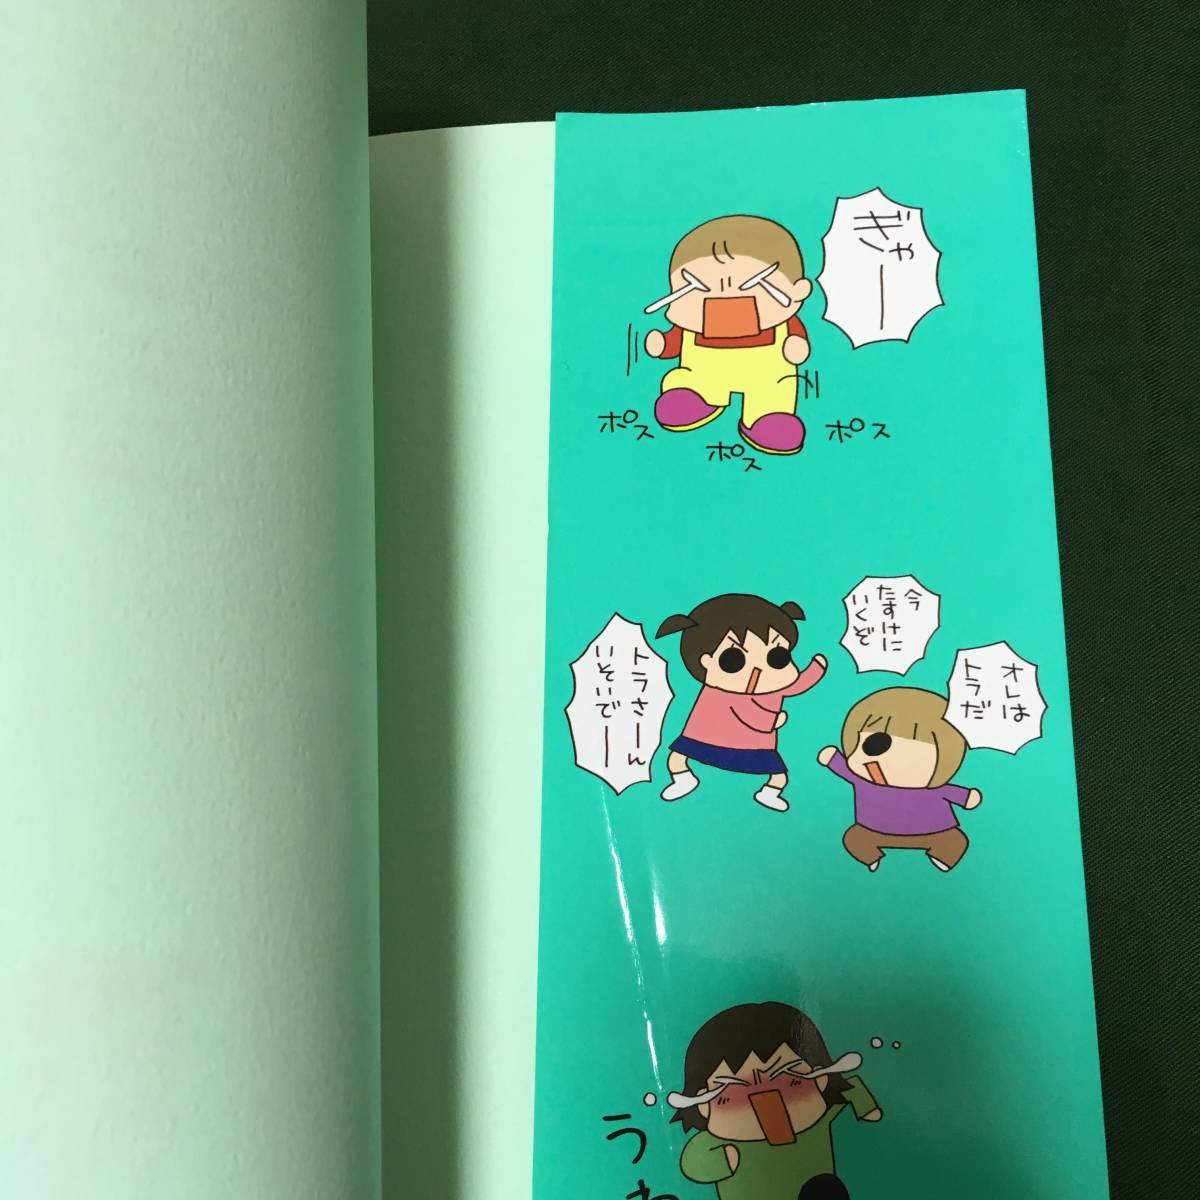 直筆イラストサイン本・うちの3姉妹 7巻 松本ぷりっつ の落札情報詳細 ...